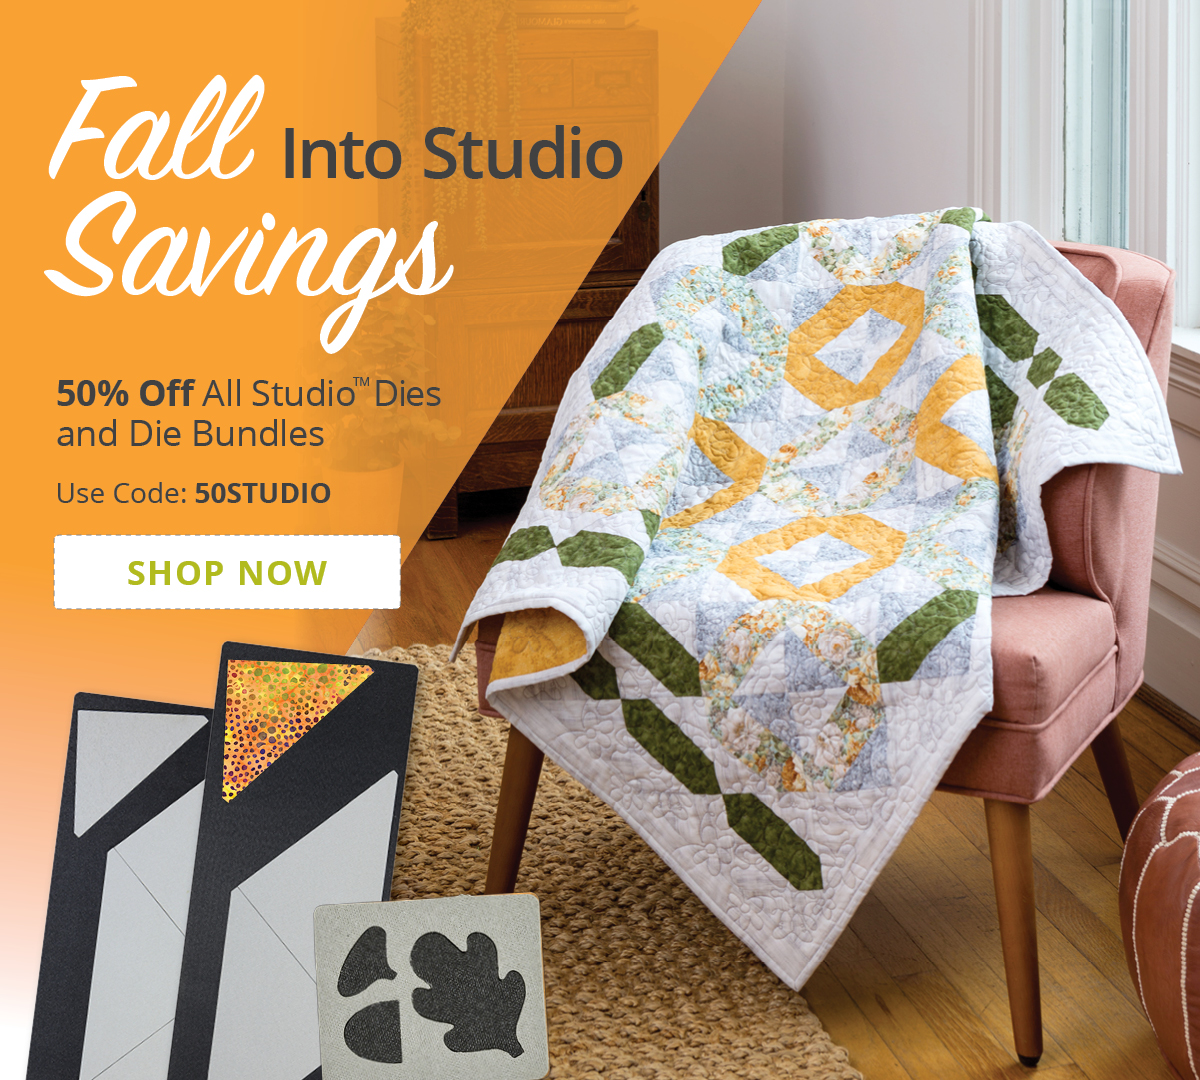 Fall Into Studio Savings | 50% Off Studio Dies and Die Bundles